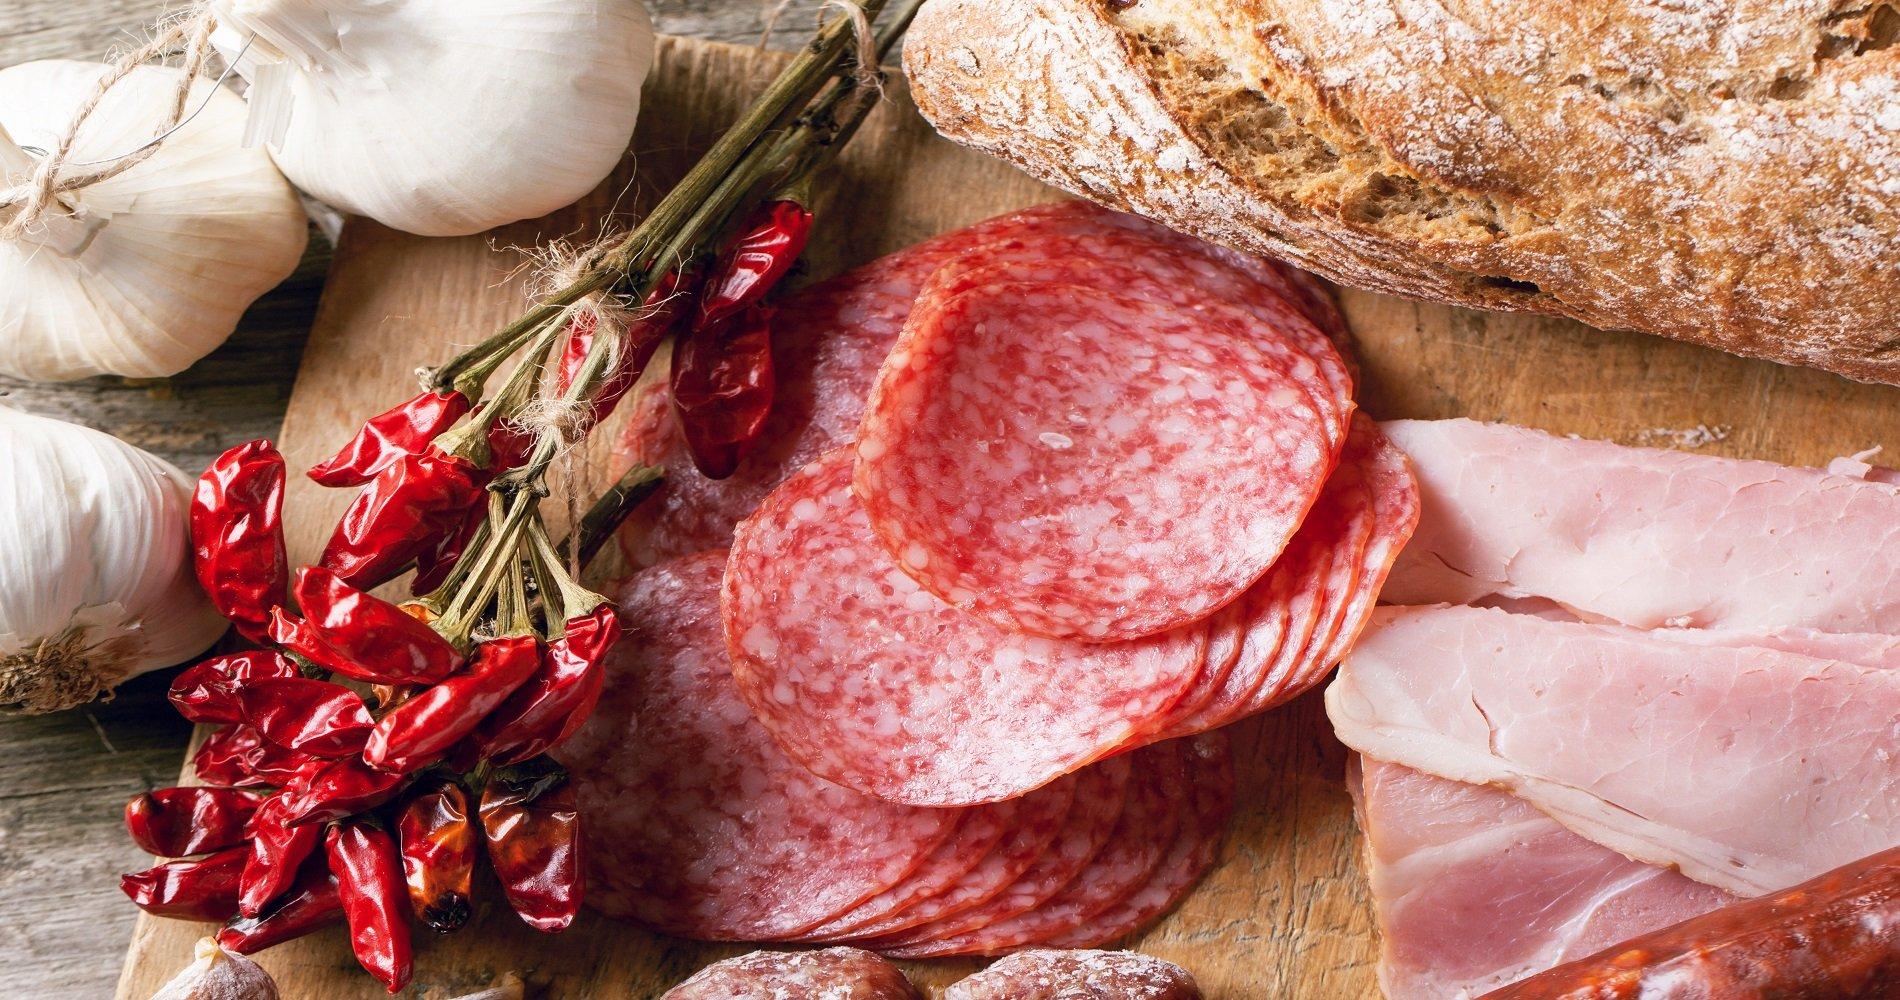 delle fette di salame,prosciutto cotto e peperoncino